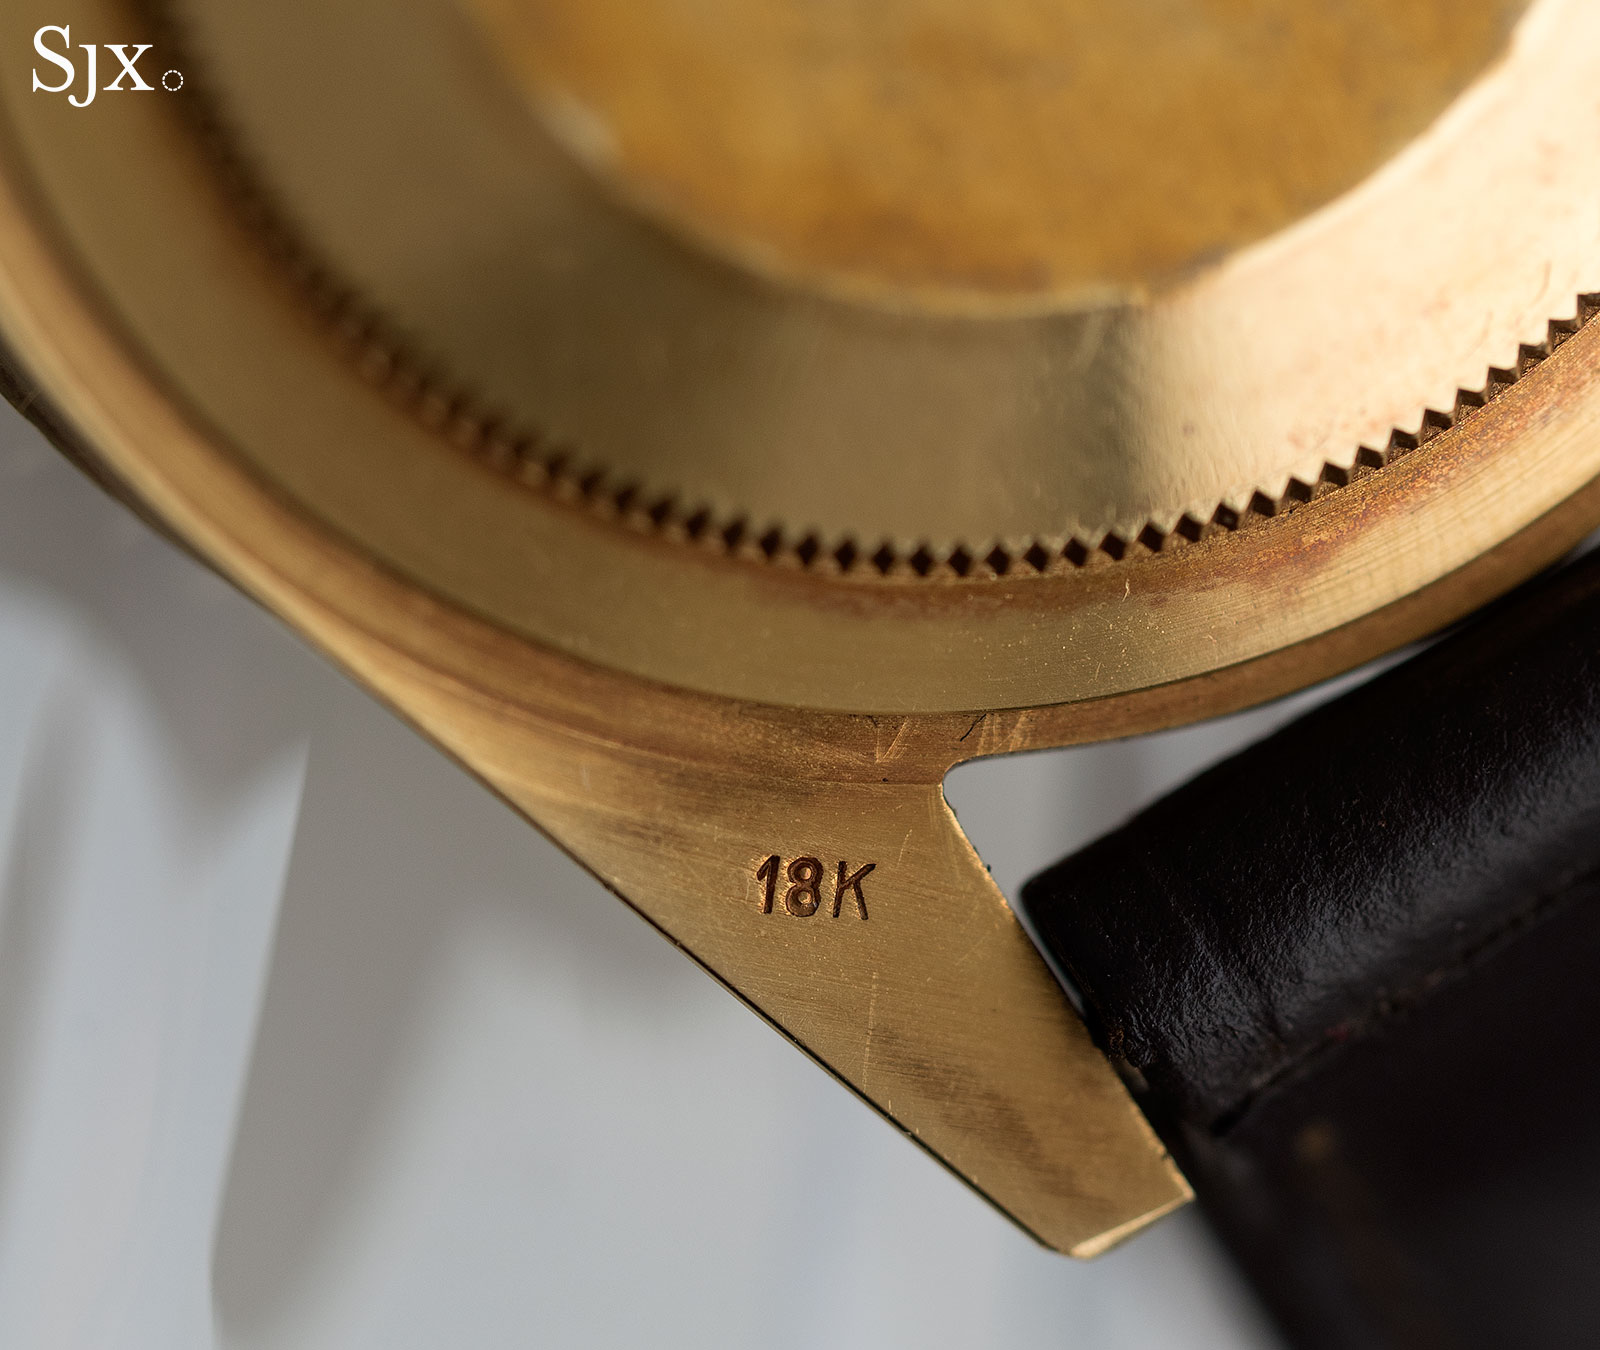 Rolex GMT-Master 1675 18k 7